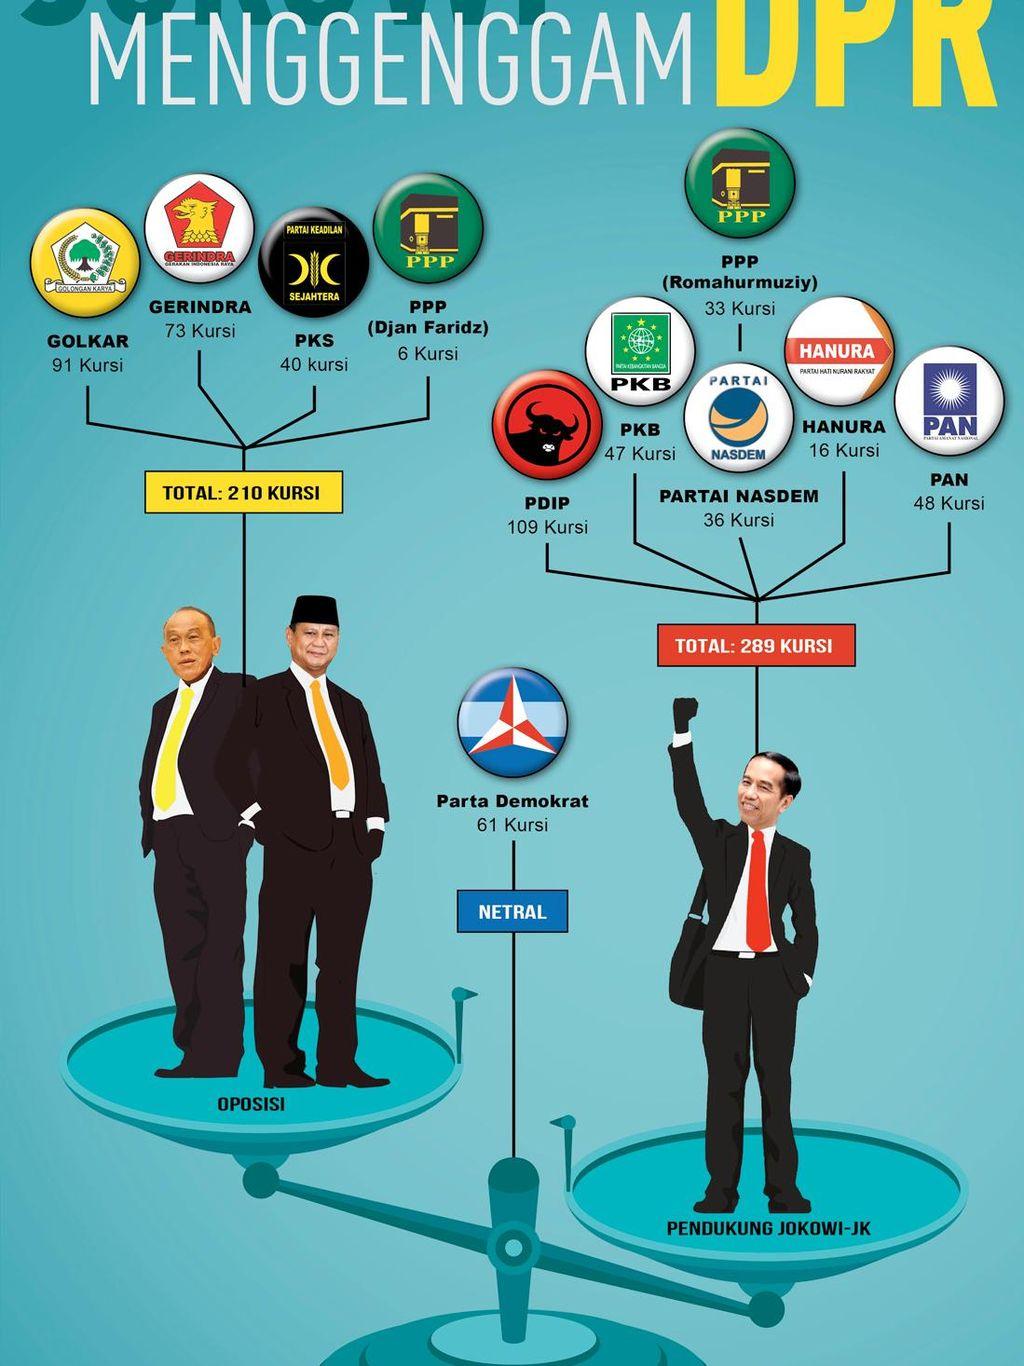 PAN Merapat, Jokowi Makin Kuat